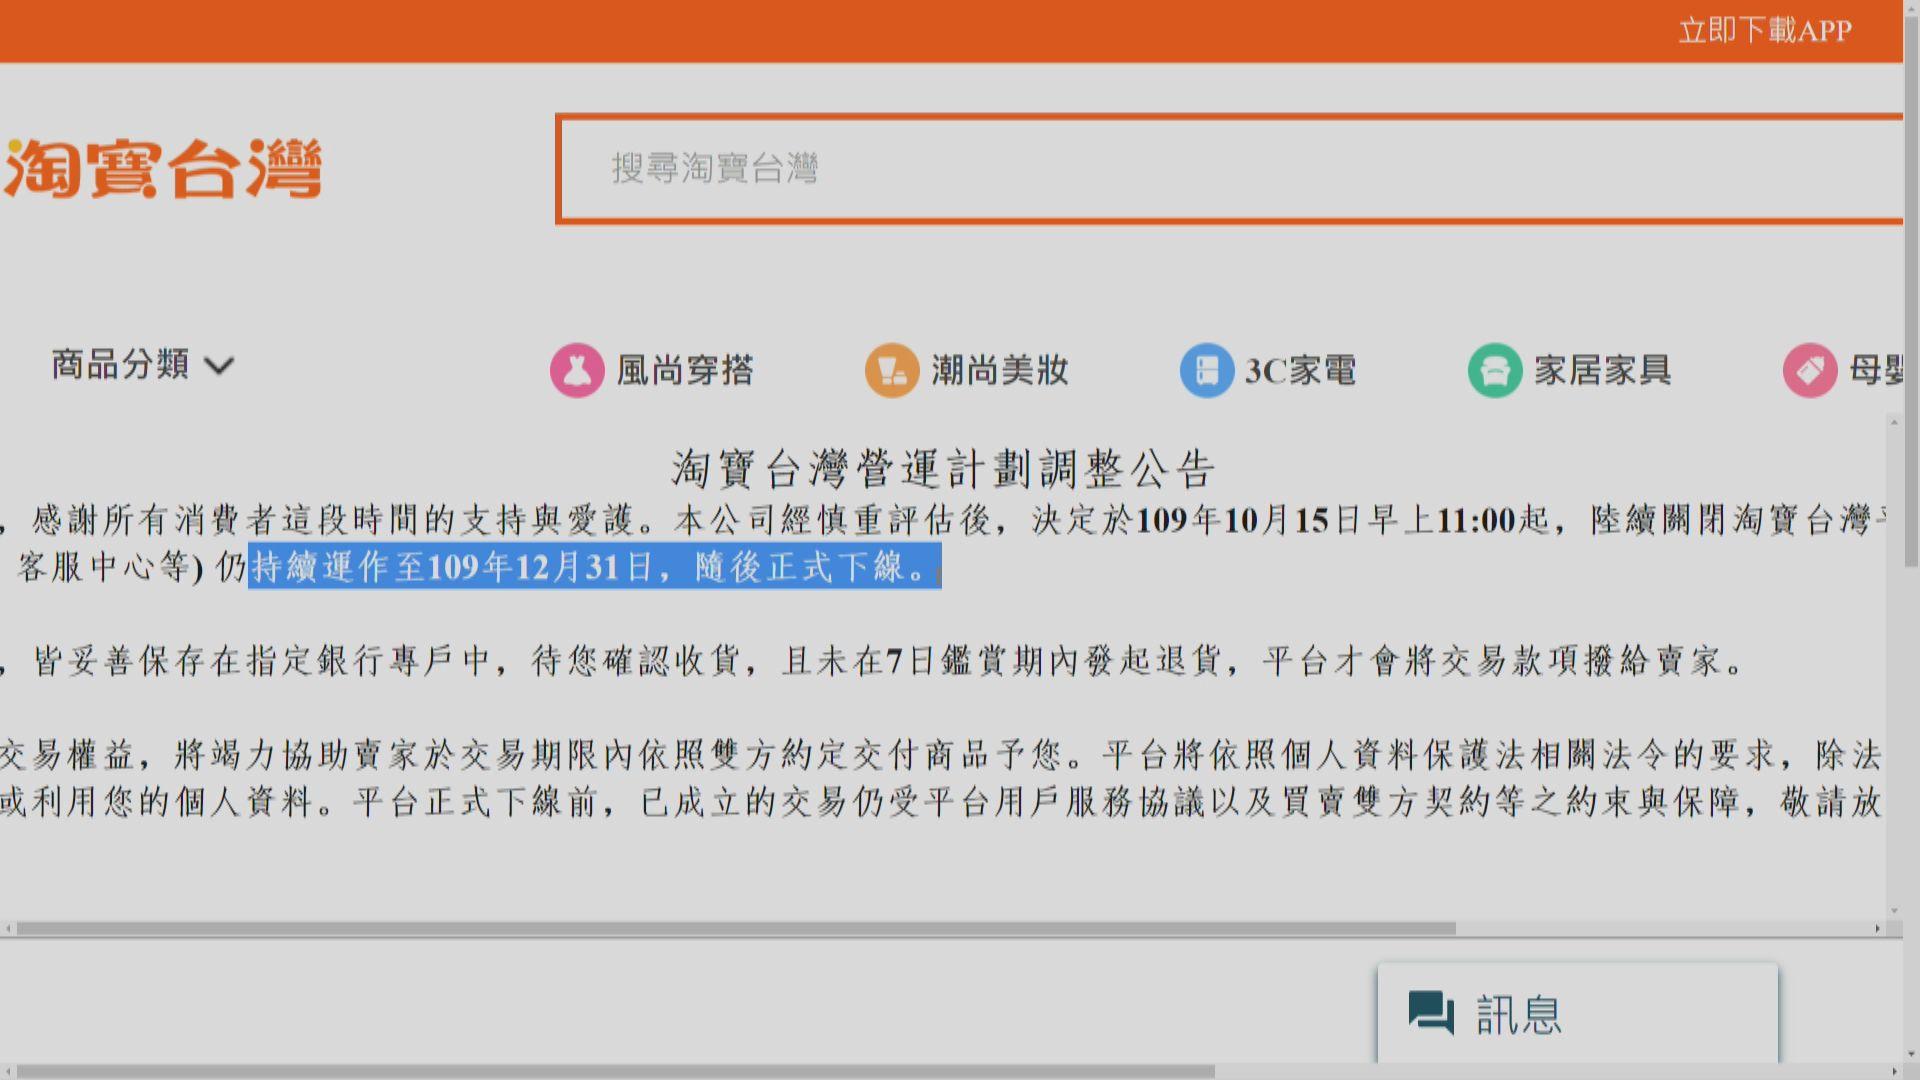 淘寶台灣下年起停止當地營運